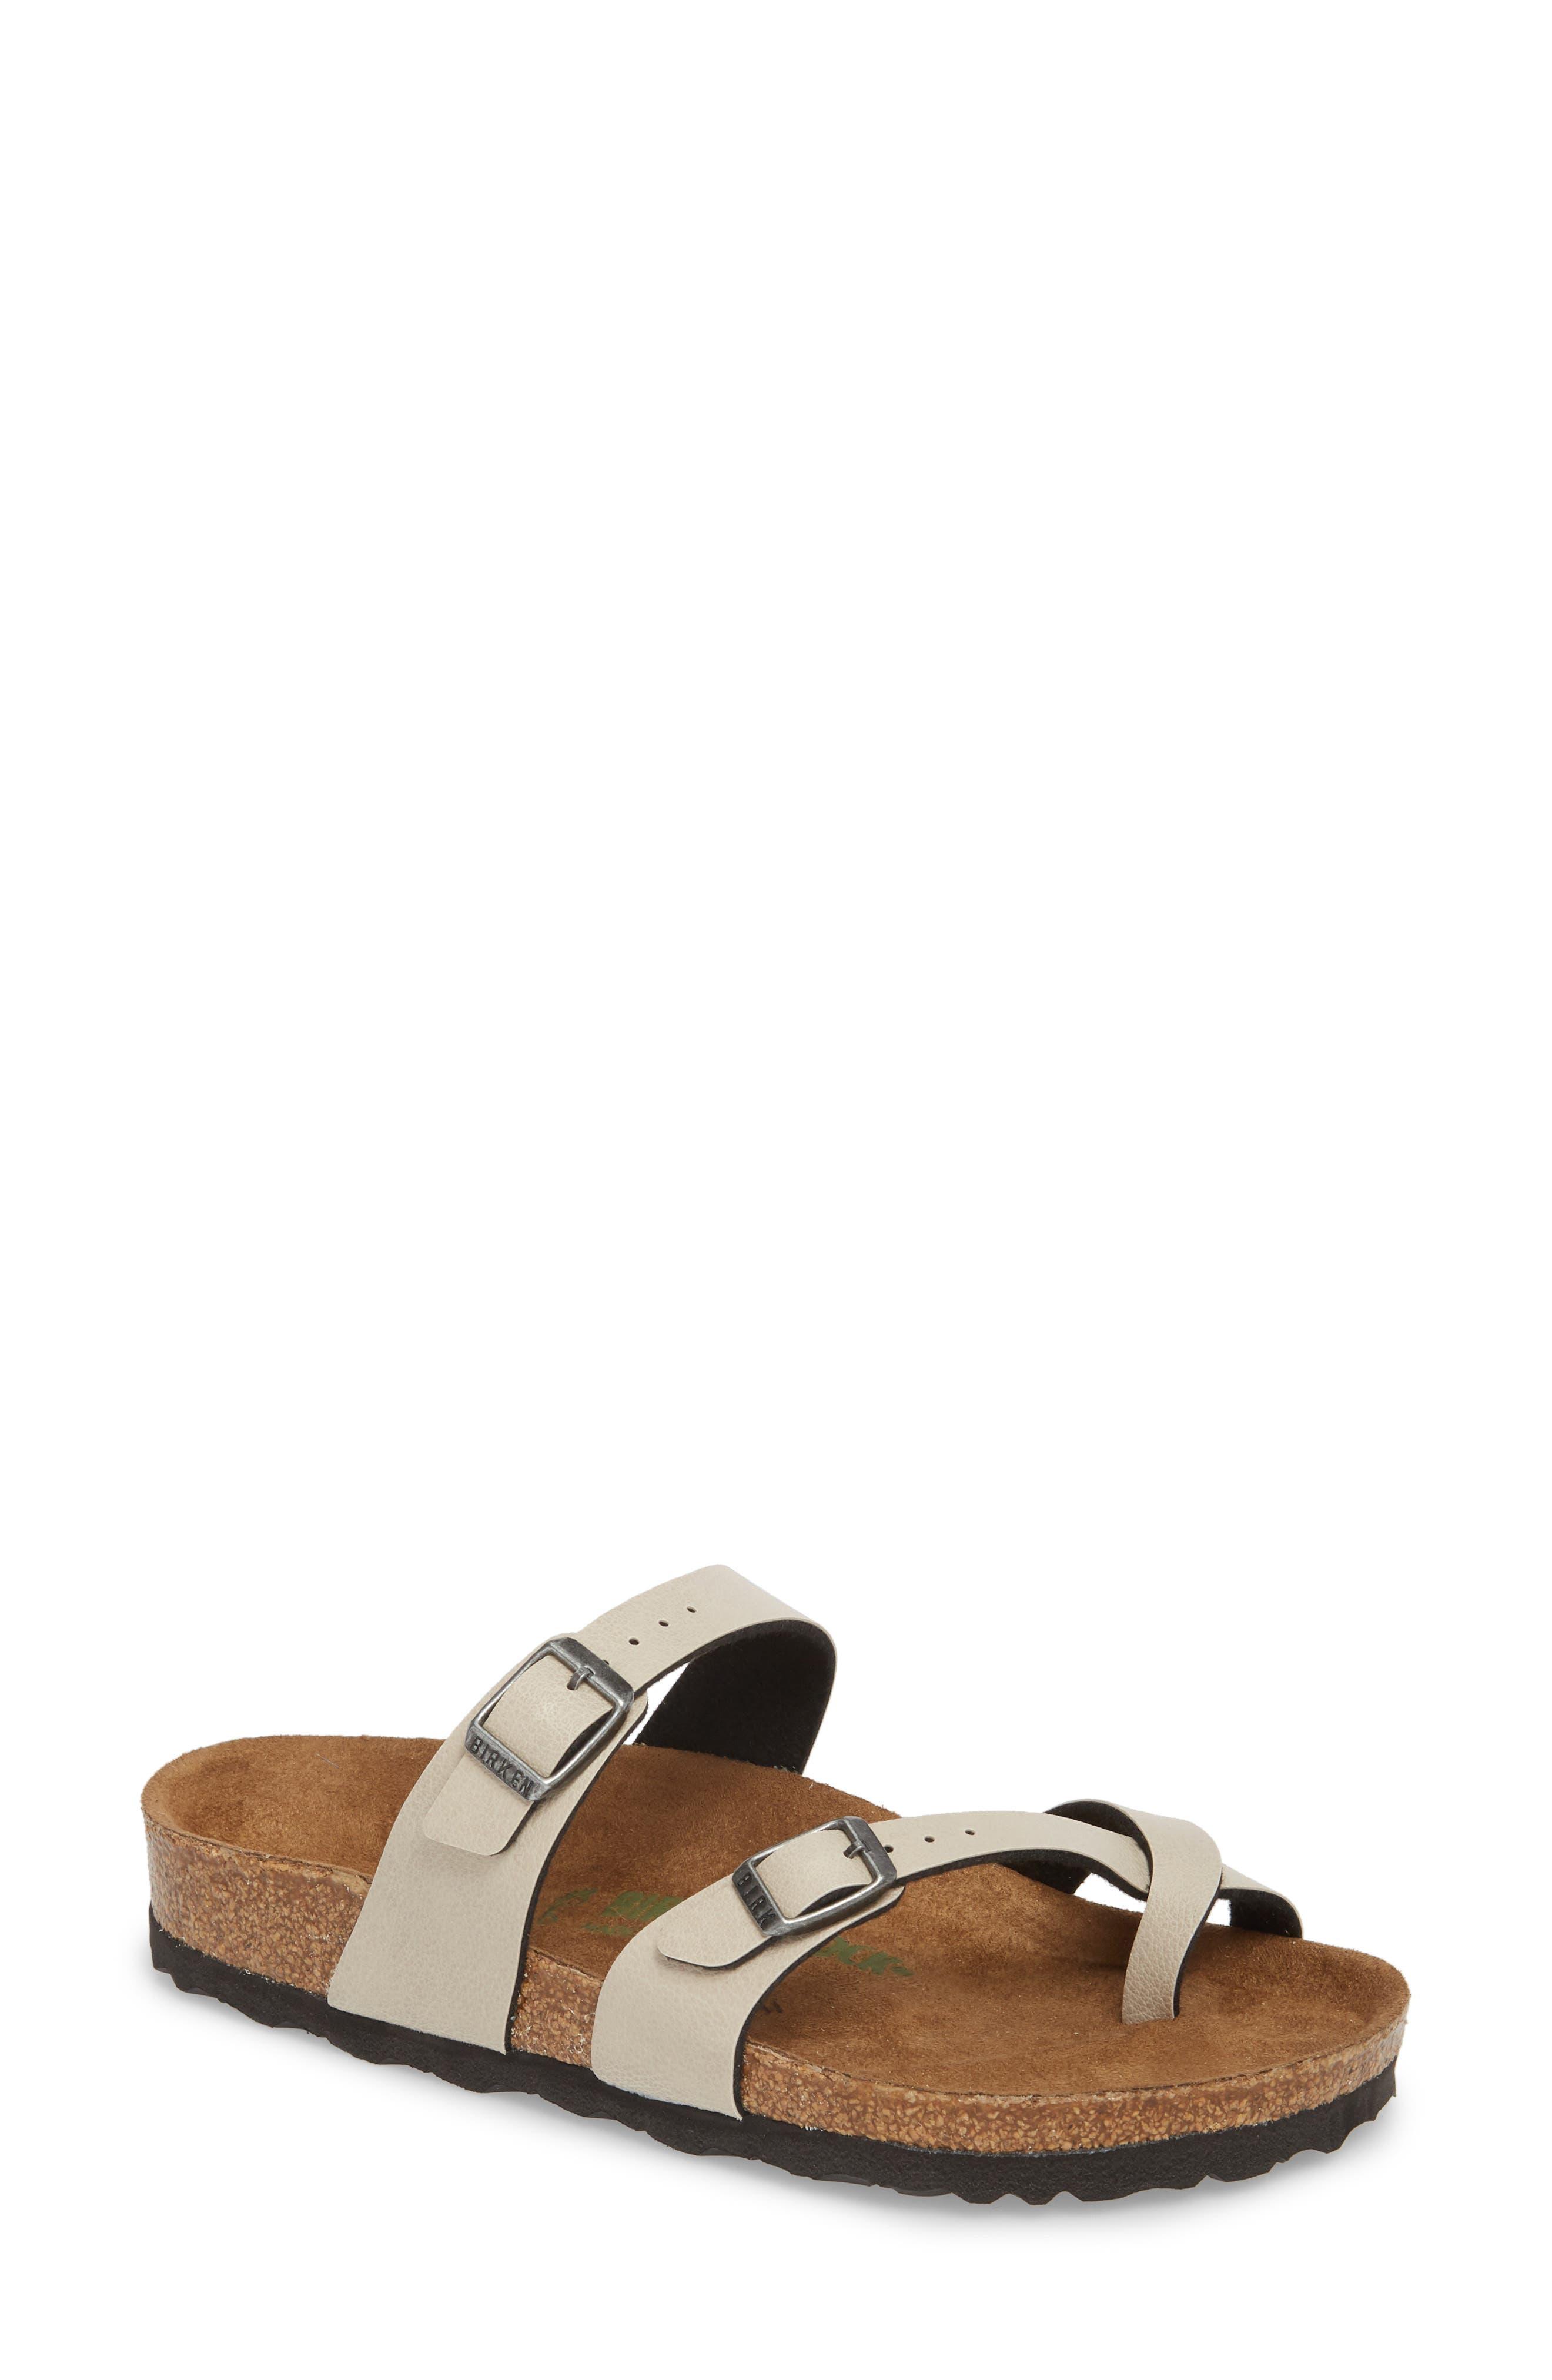 Birkenstock Mayari Birko-Flor(TM) Slide Sandal,8.5 B - Beige